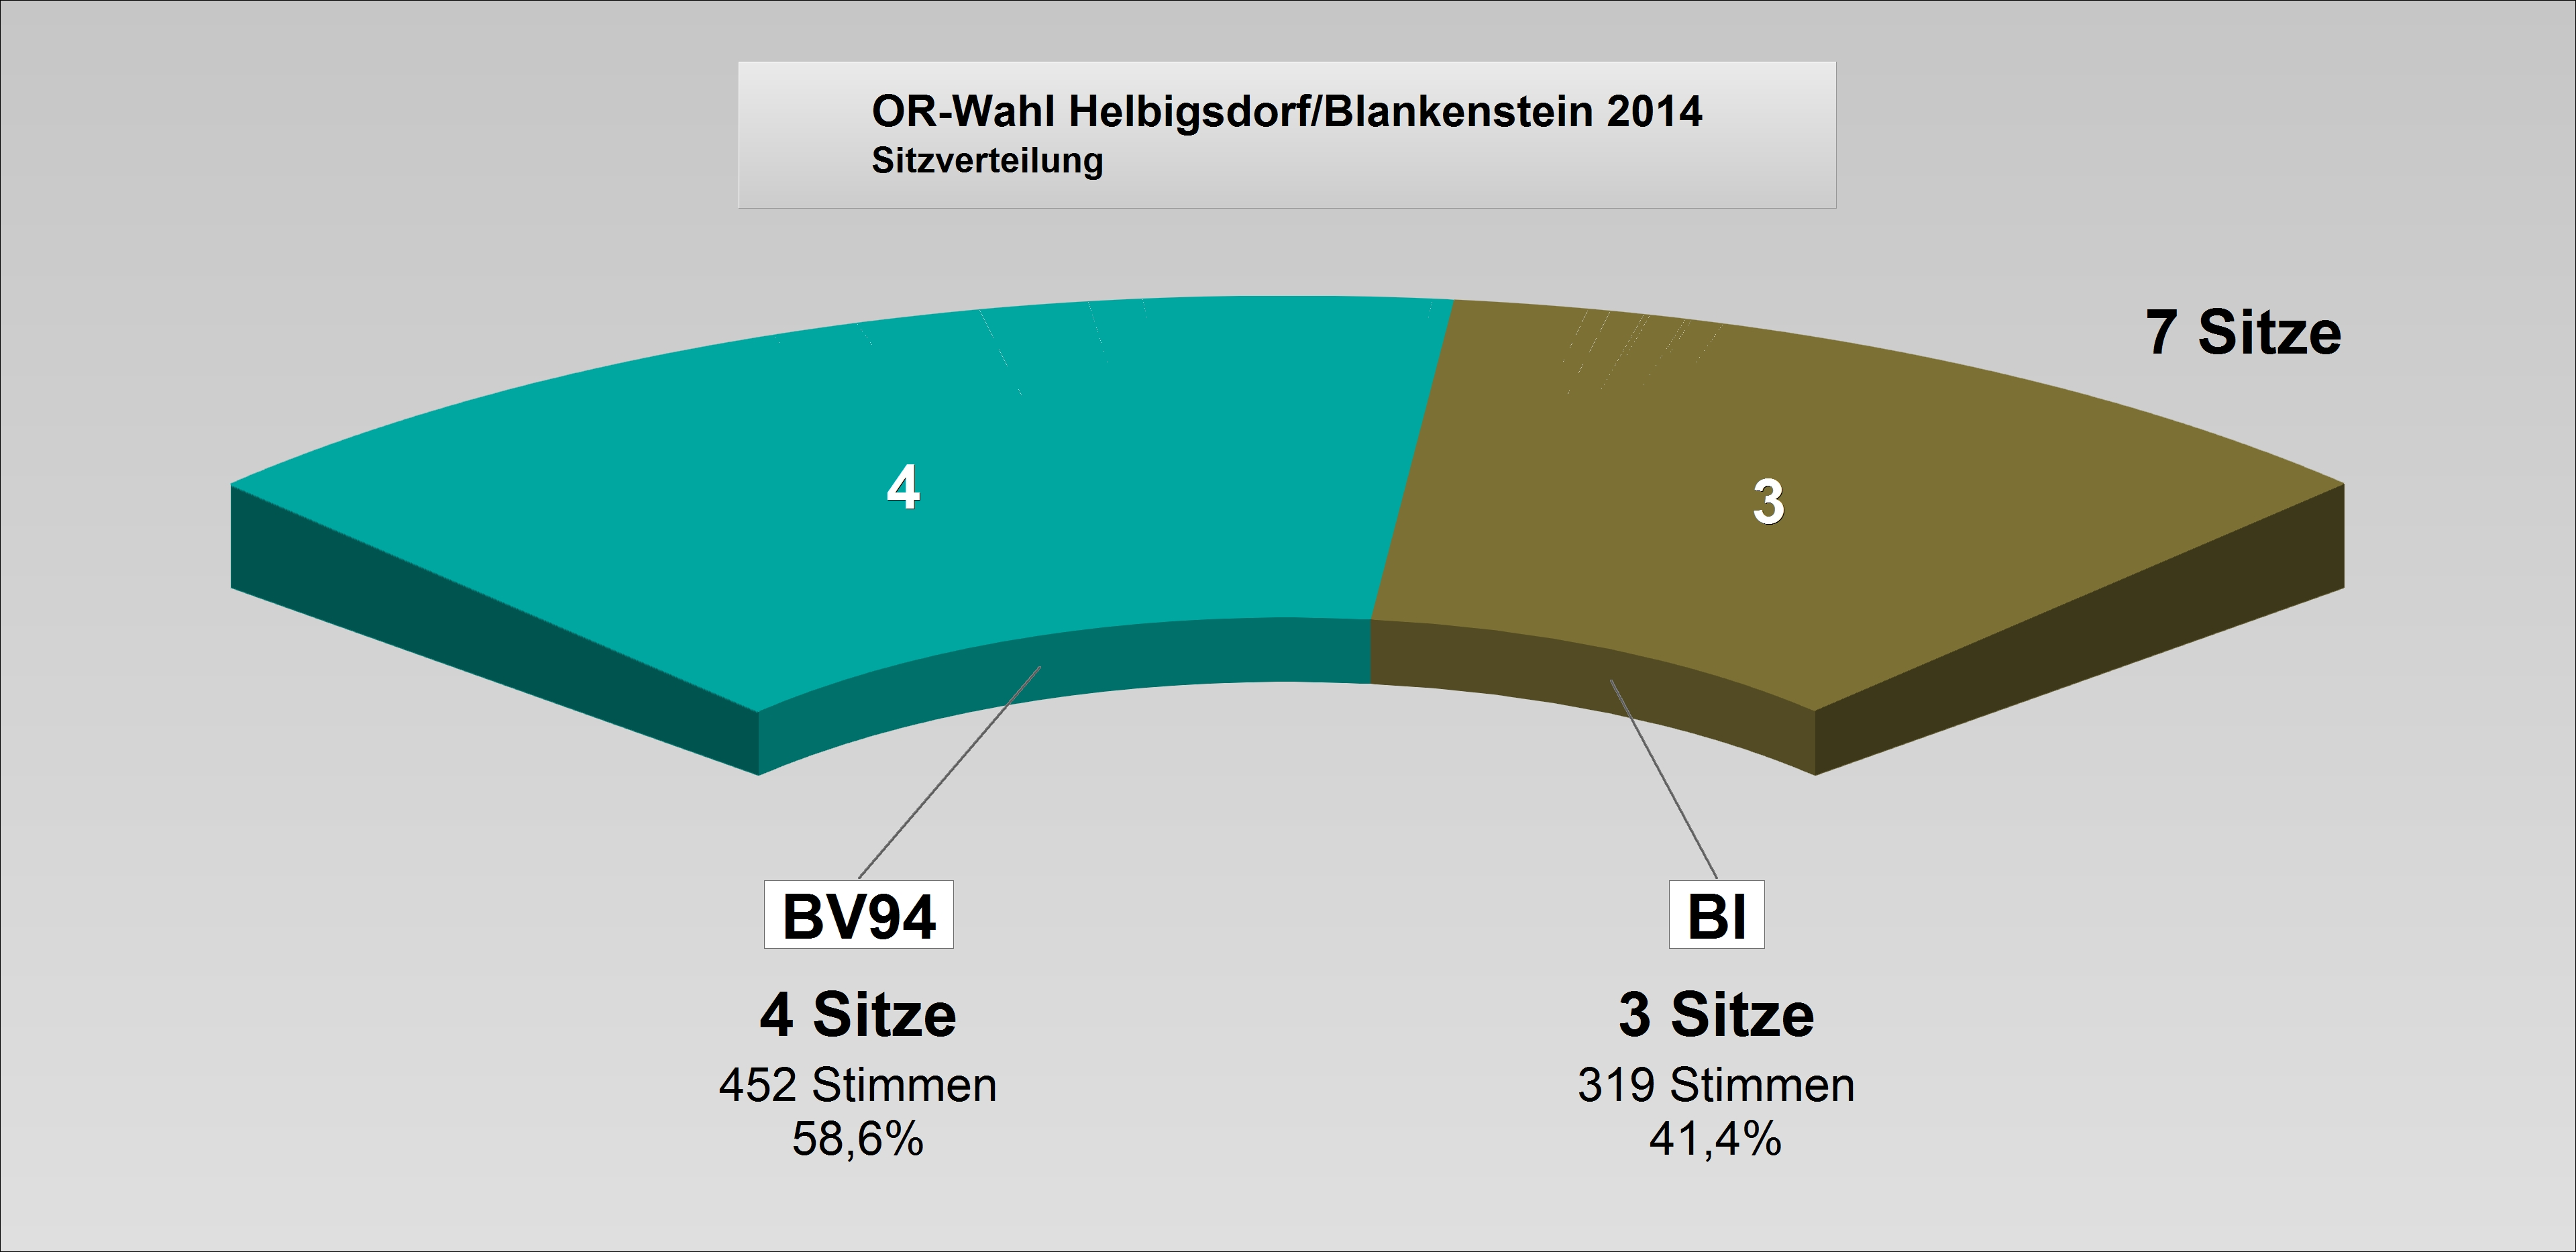 ORat2014-Helbigsdorf-Blankenstein_Sitzverteilung.jpg